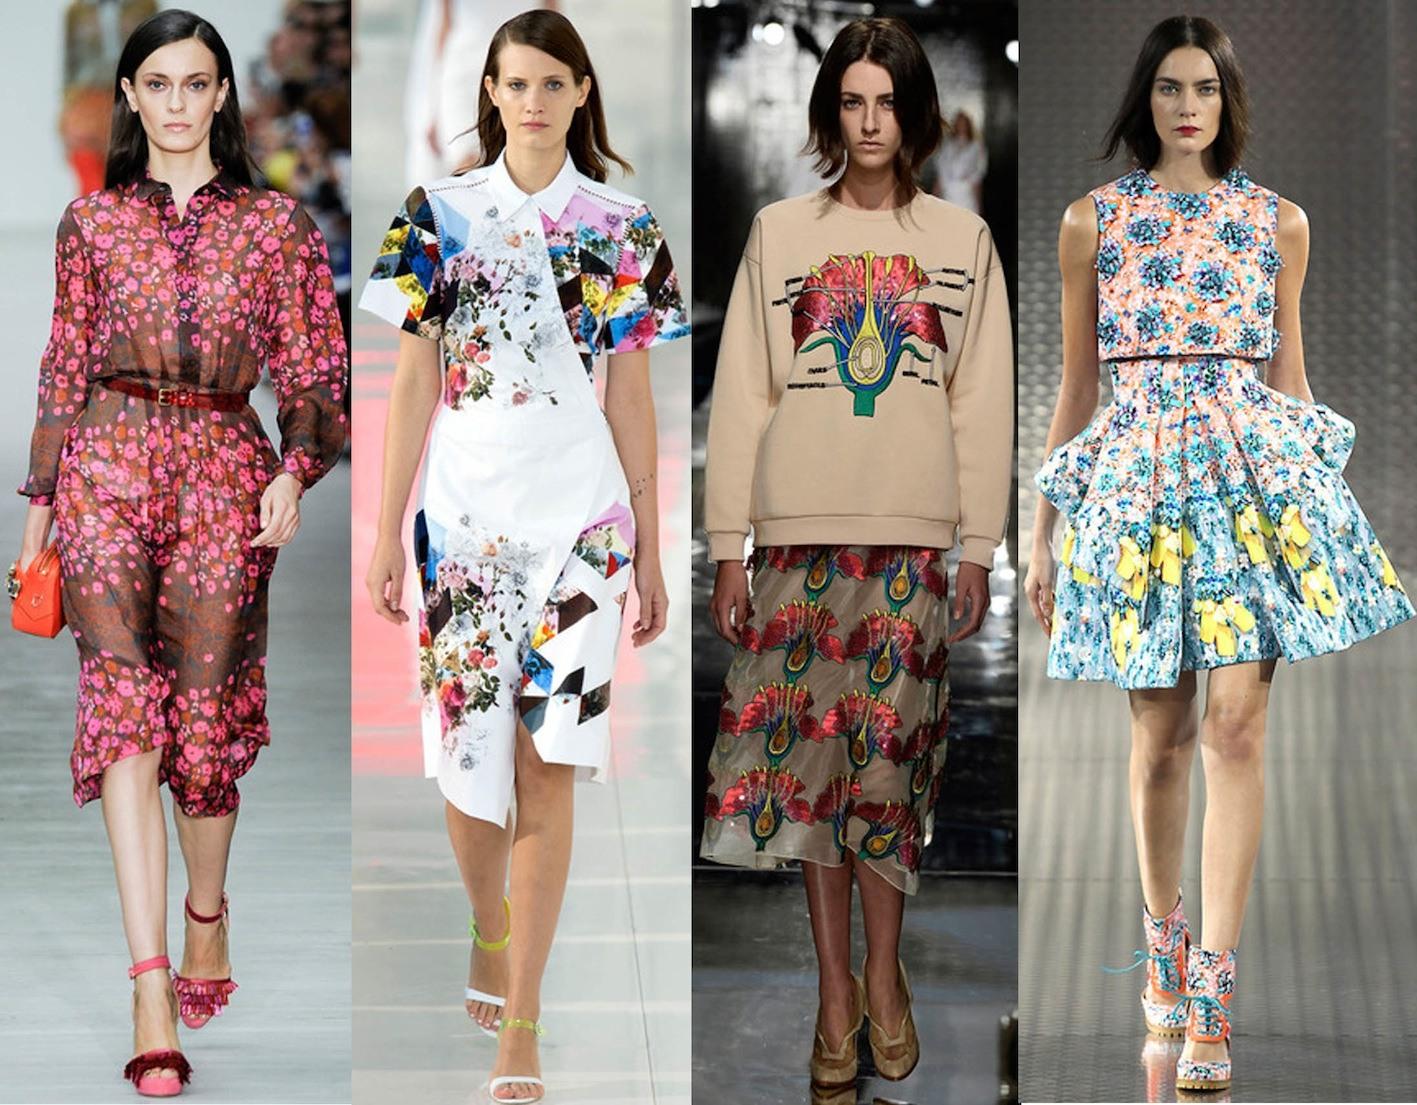 Мода на платья в 2018 году популярные фасоны, палитра и принты 2